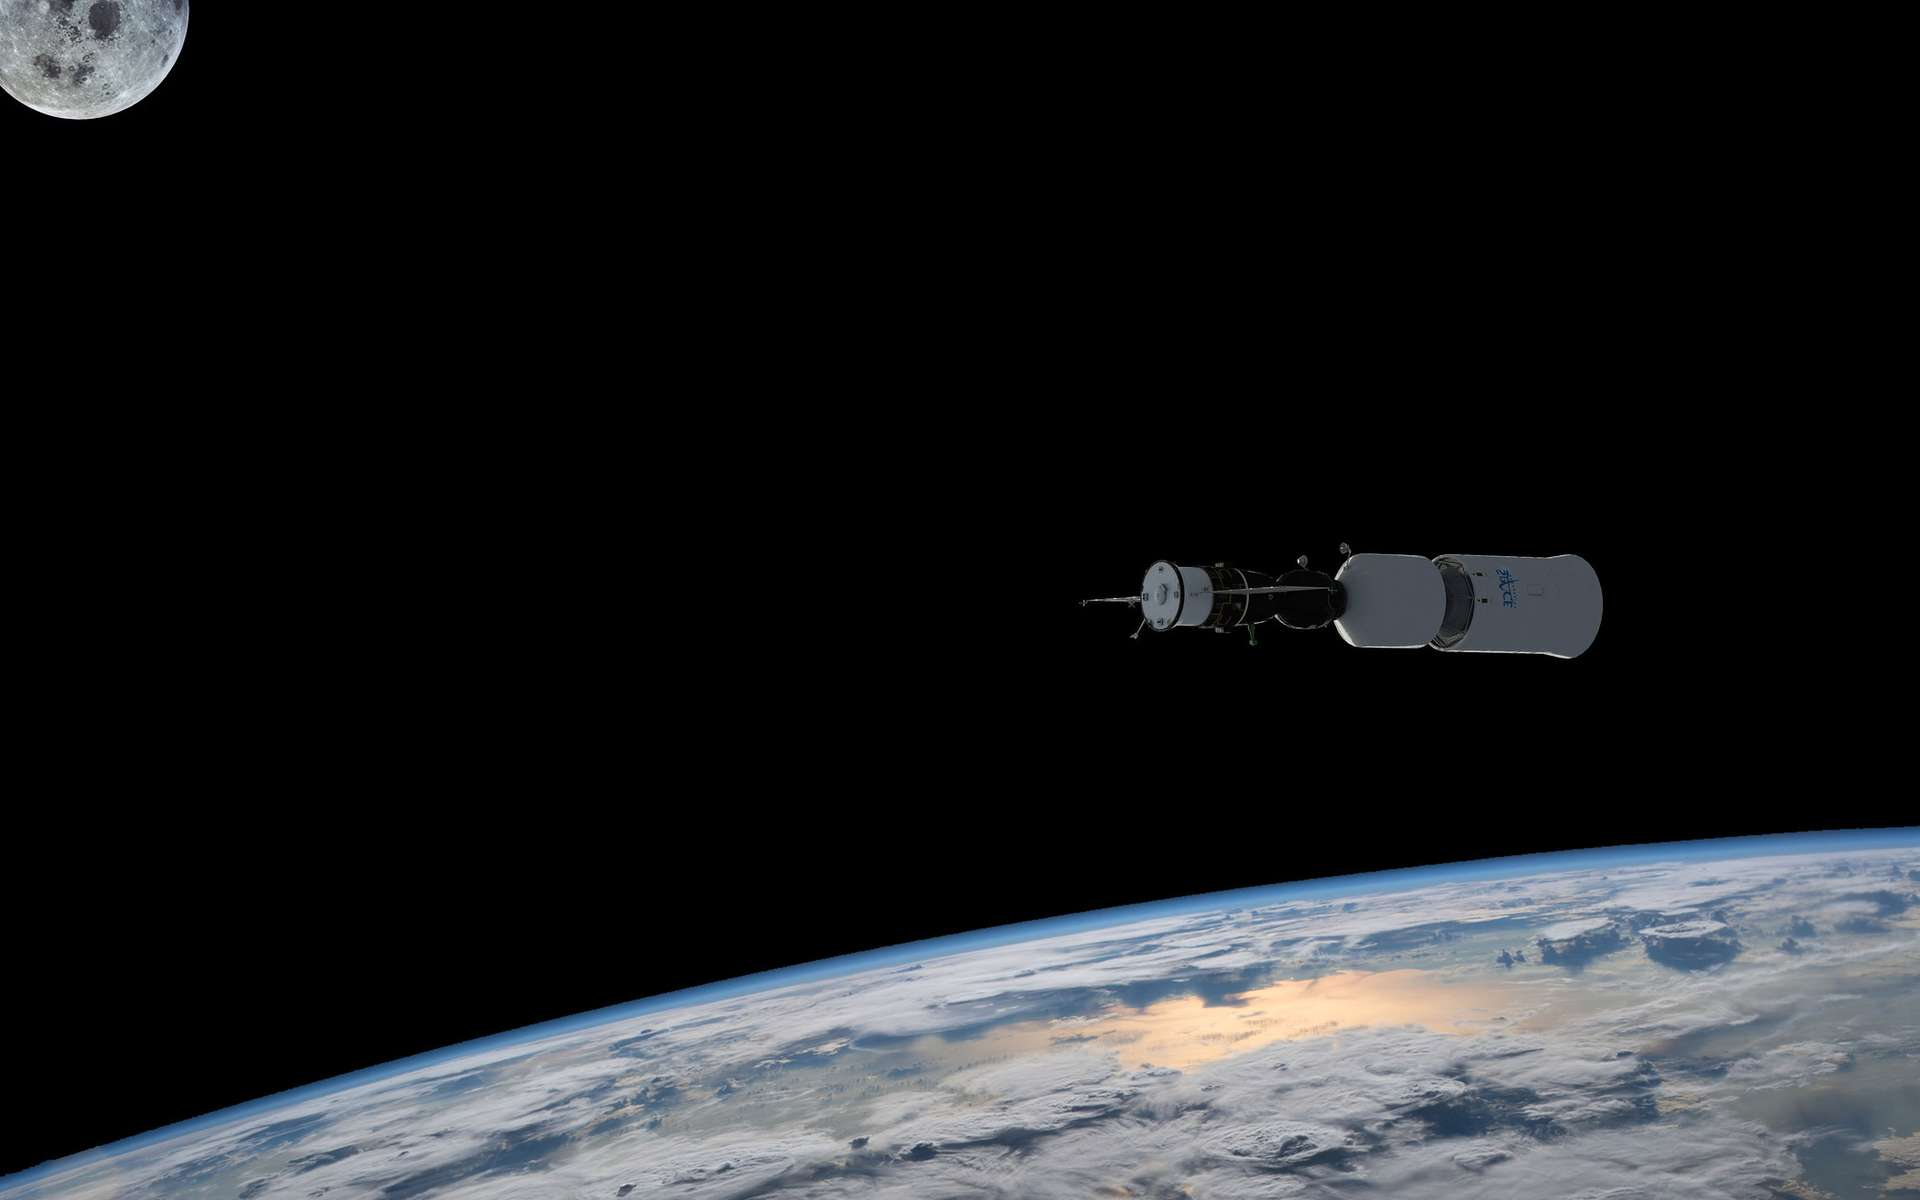 Alors que le tourisme suborbital marque le pas et que ses avions spatiaux se font attendre, le tourisme spatial retrouve quant à lui des couleurs. D'ici quelques trimestres, il sera de nouveau possible de séjourner à bord de la Station spatiale internationale (ISS) et les premiers vols autour de la Lune sont annoncés pour 2020. © Rémy Decourt, Nasa, Space Adventures